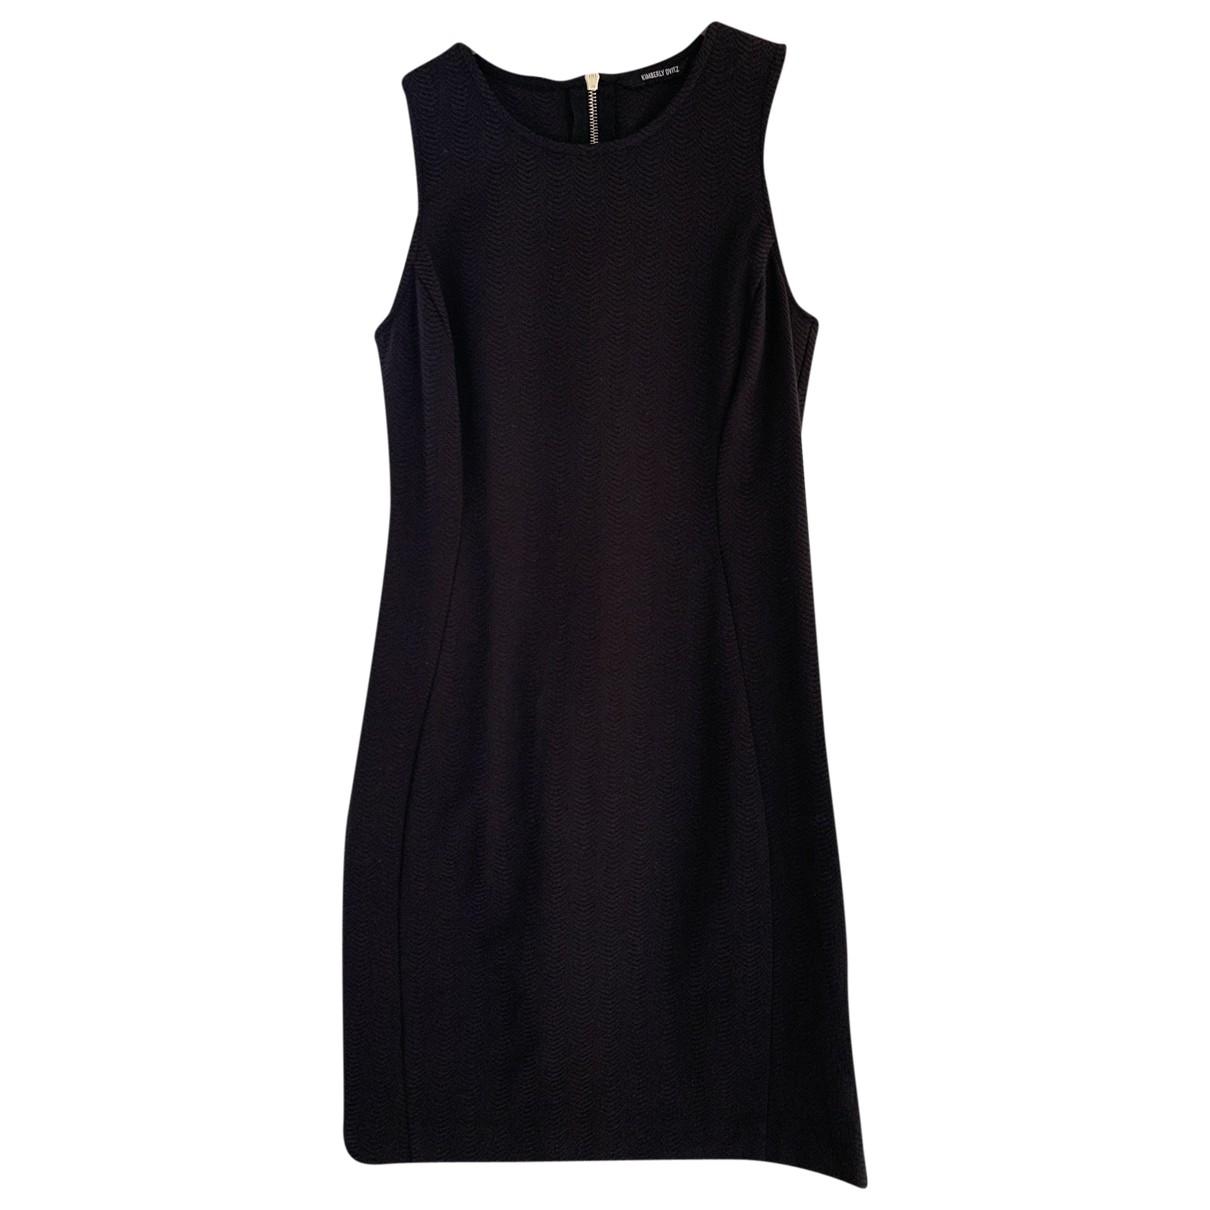 Kimberly Ovitz \N Kleid in  Schwarz Baumwolle